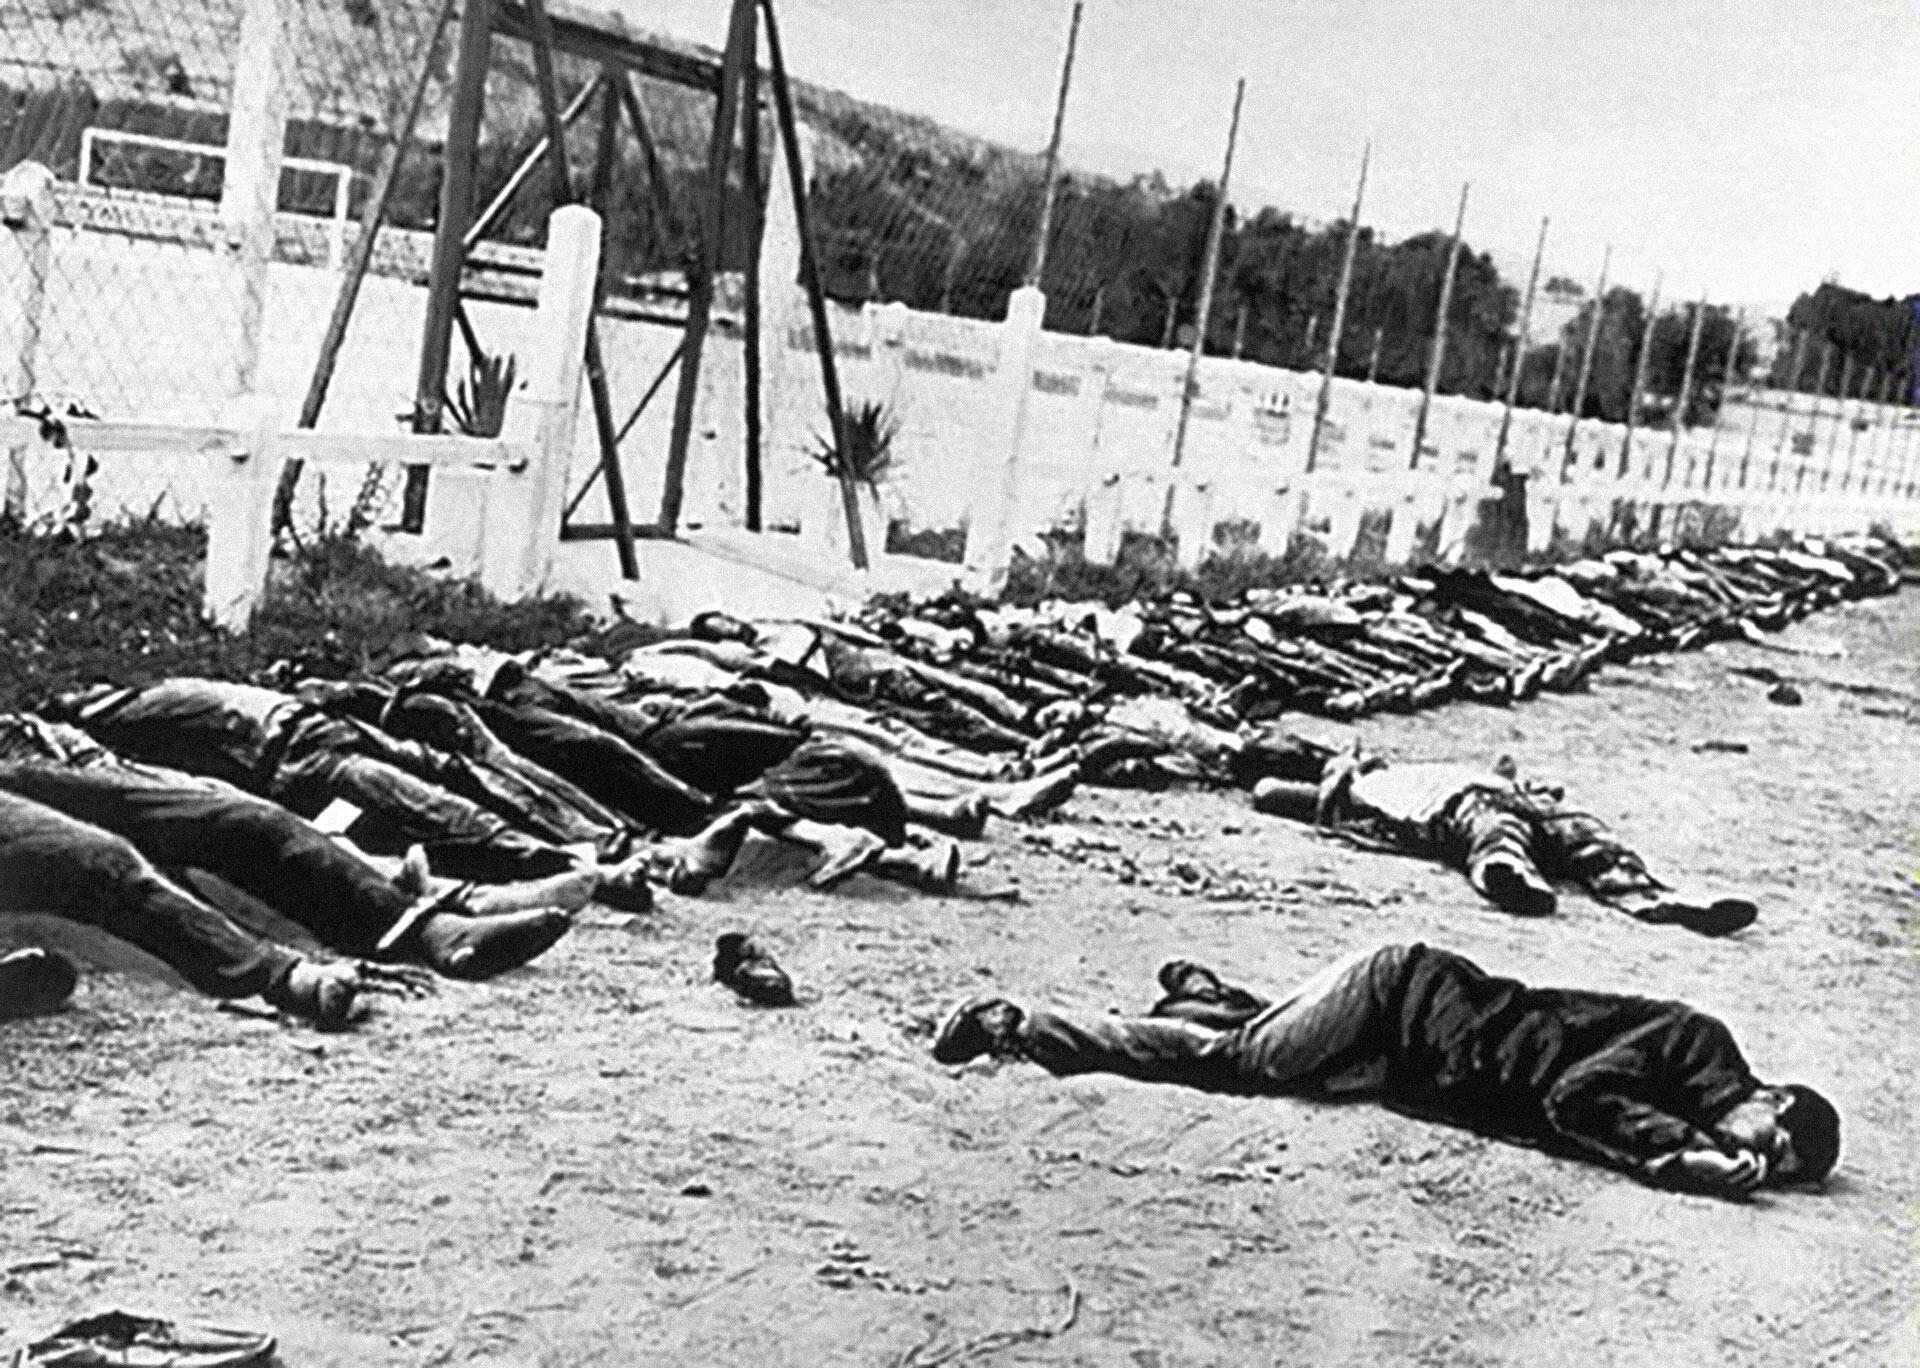 Après la manifestation du 8 mai 1945 à Sétif, la répression se poursuivra durant des semaines.